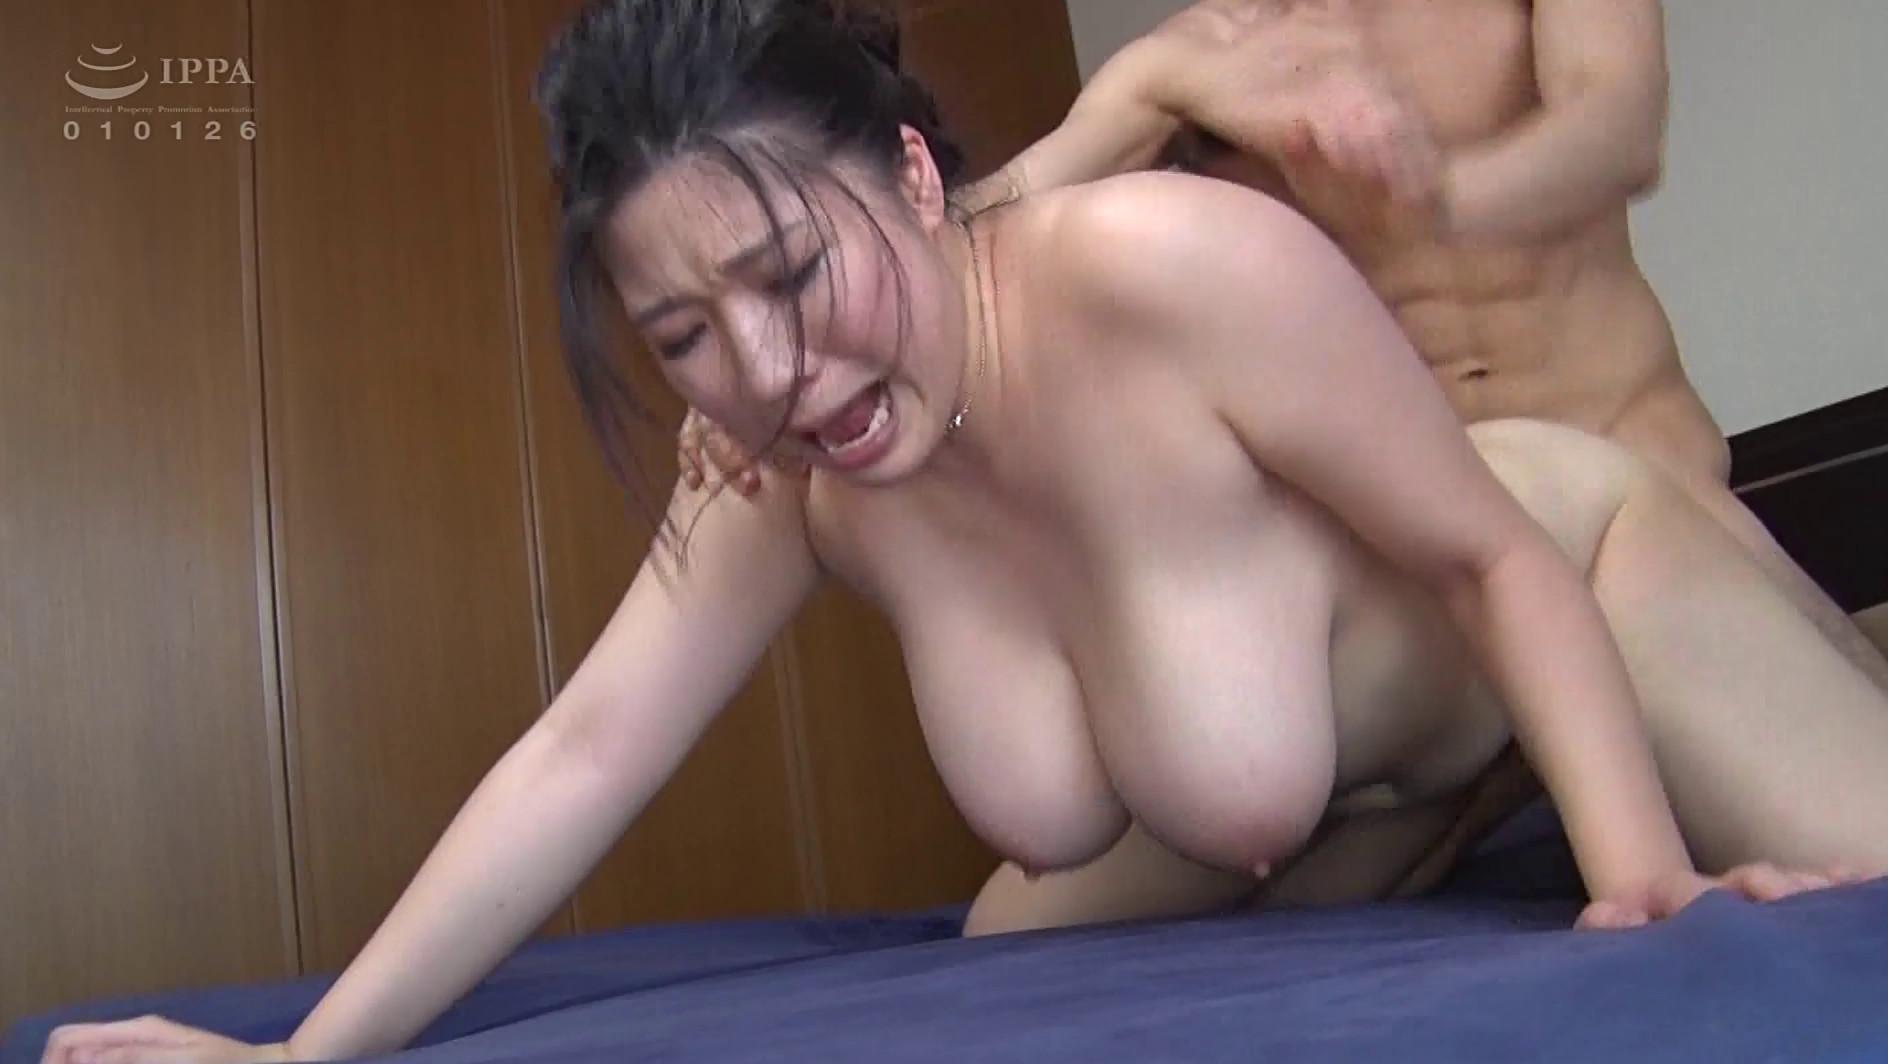 爆乳ムチぽちゃ女子20人連続セックス 2 16時間 BOX 画像7